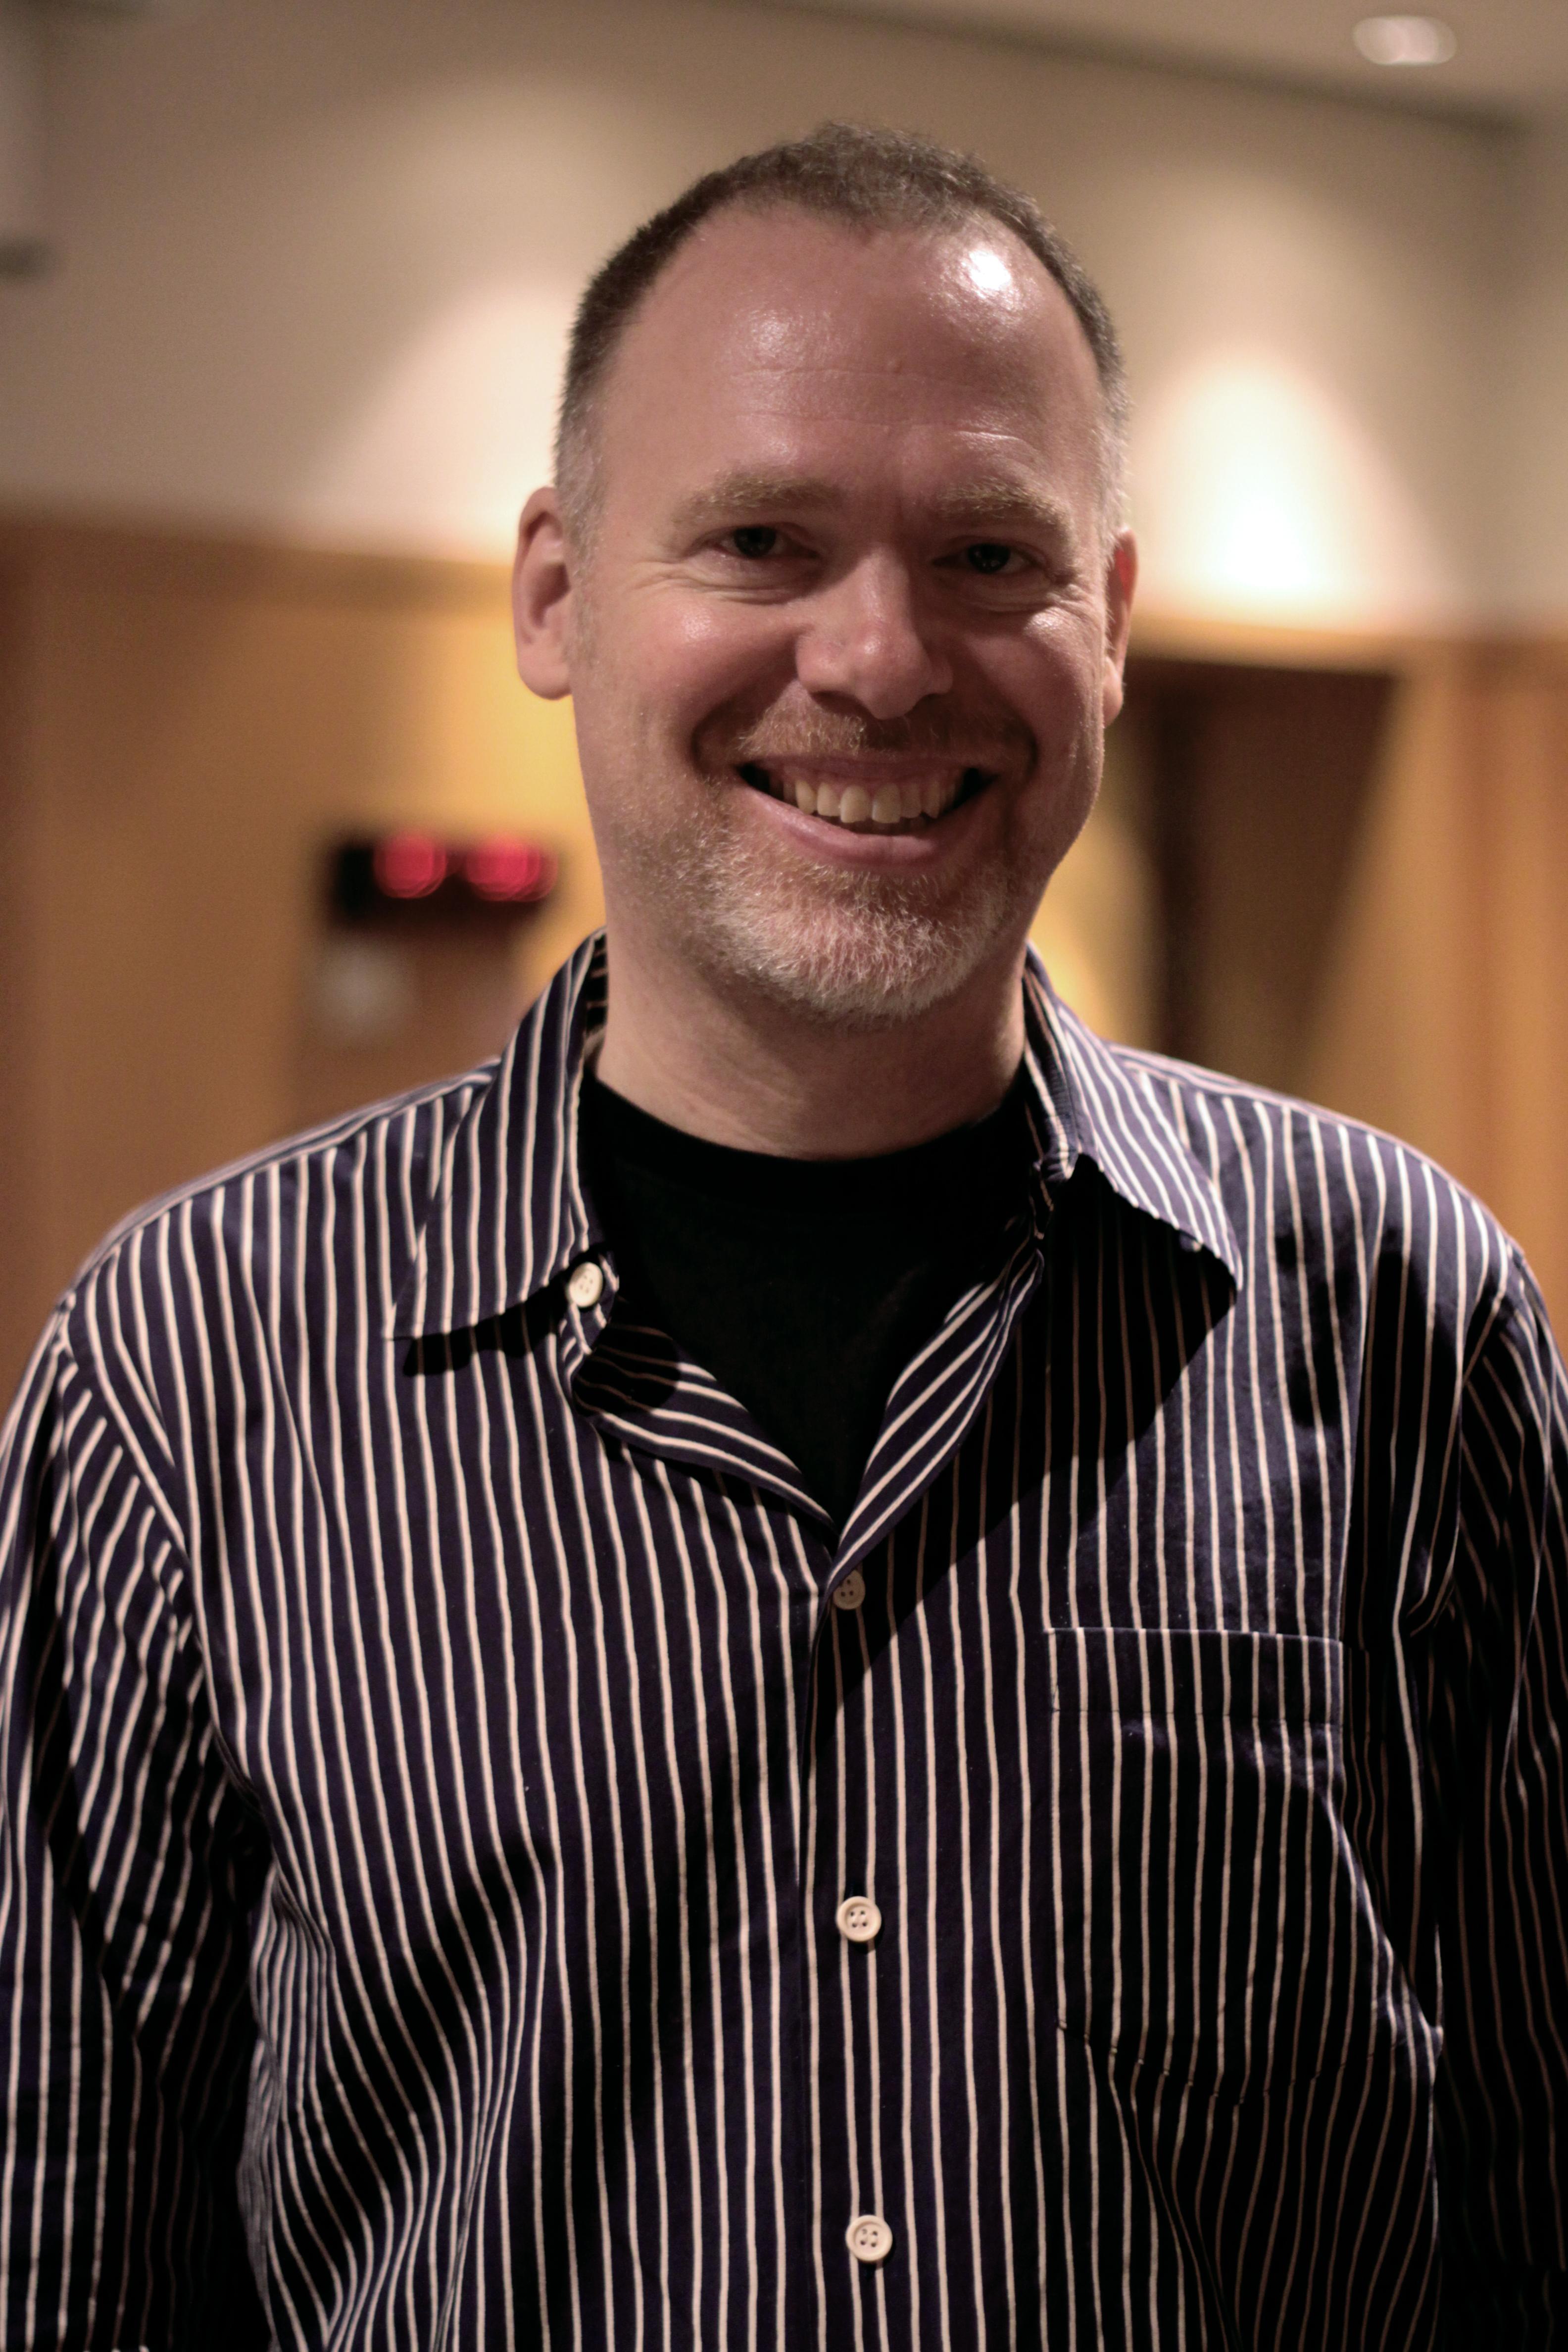 Depiction of Scott Westerfeld